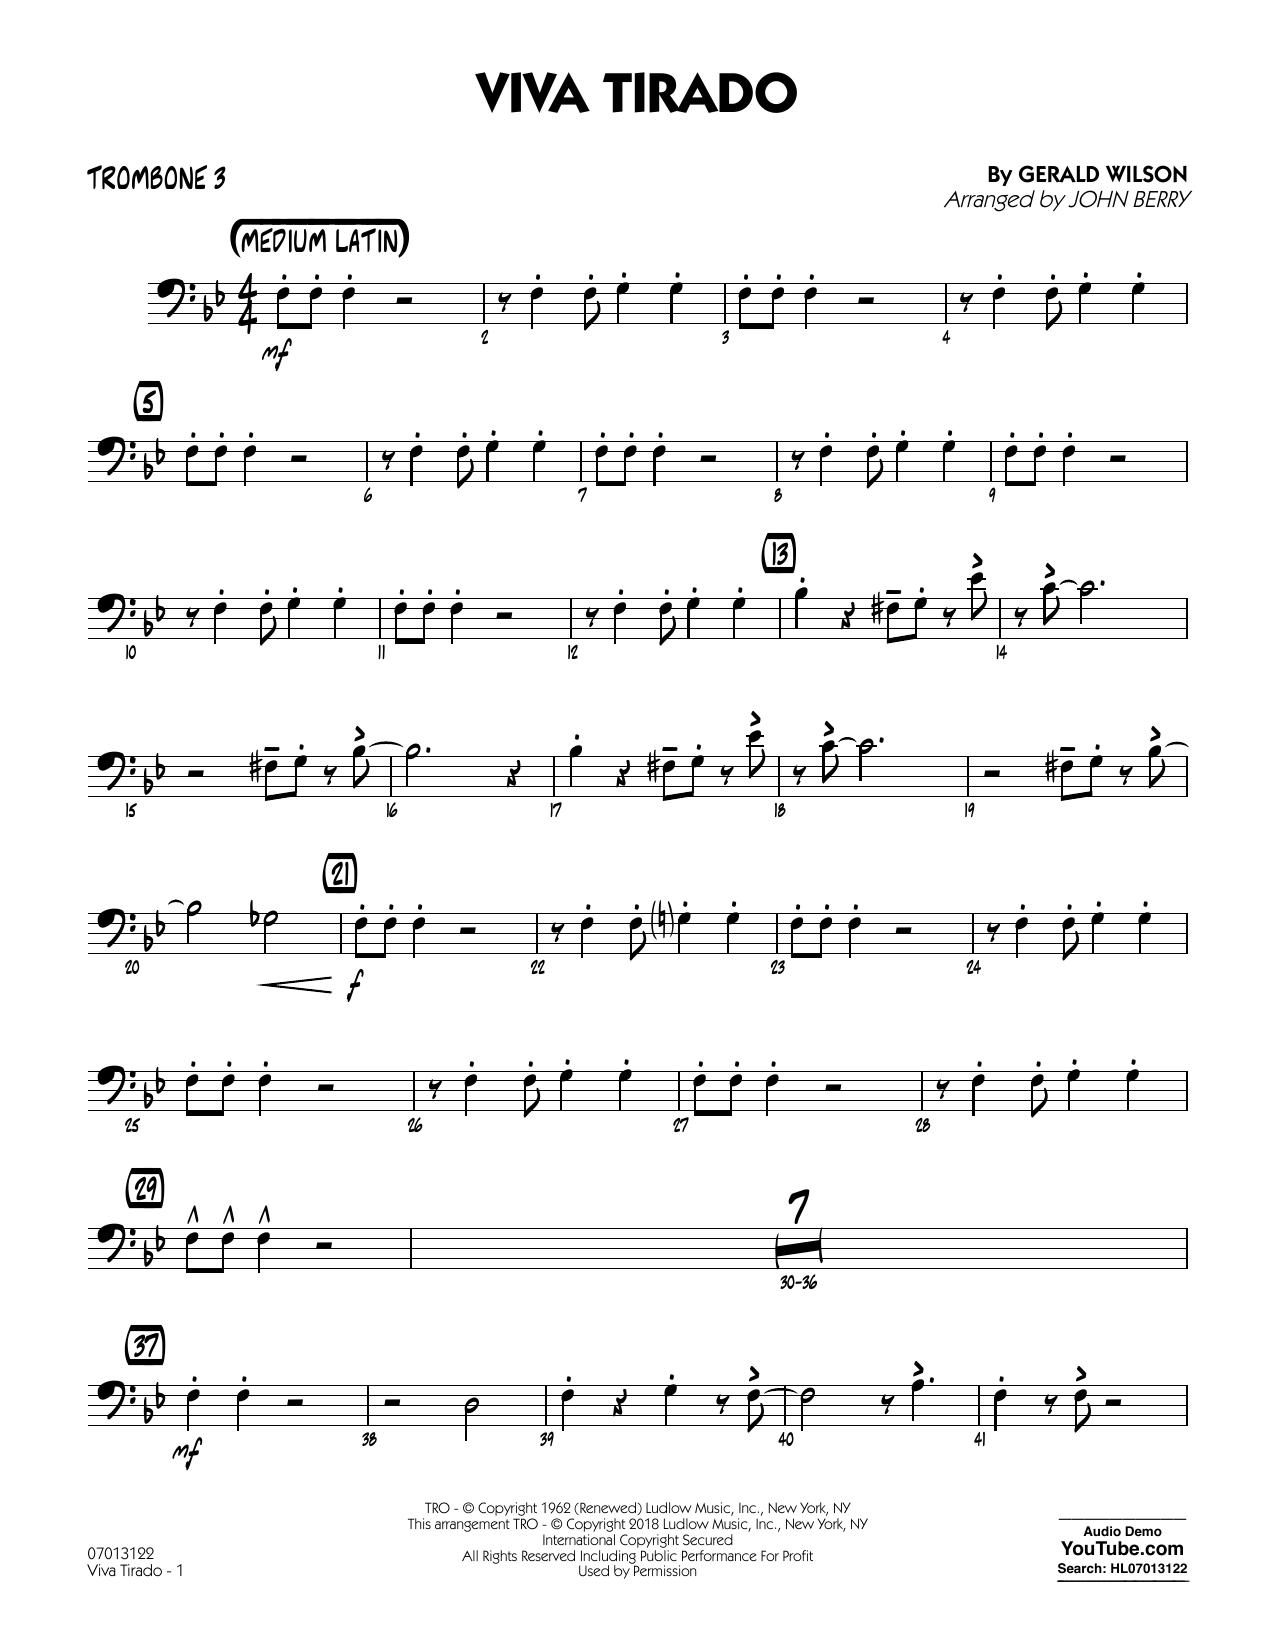 John Berry Viva Tirado - Trombone 3 sheet music notes printable PDF score